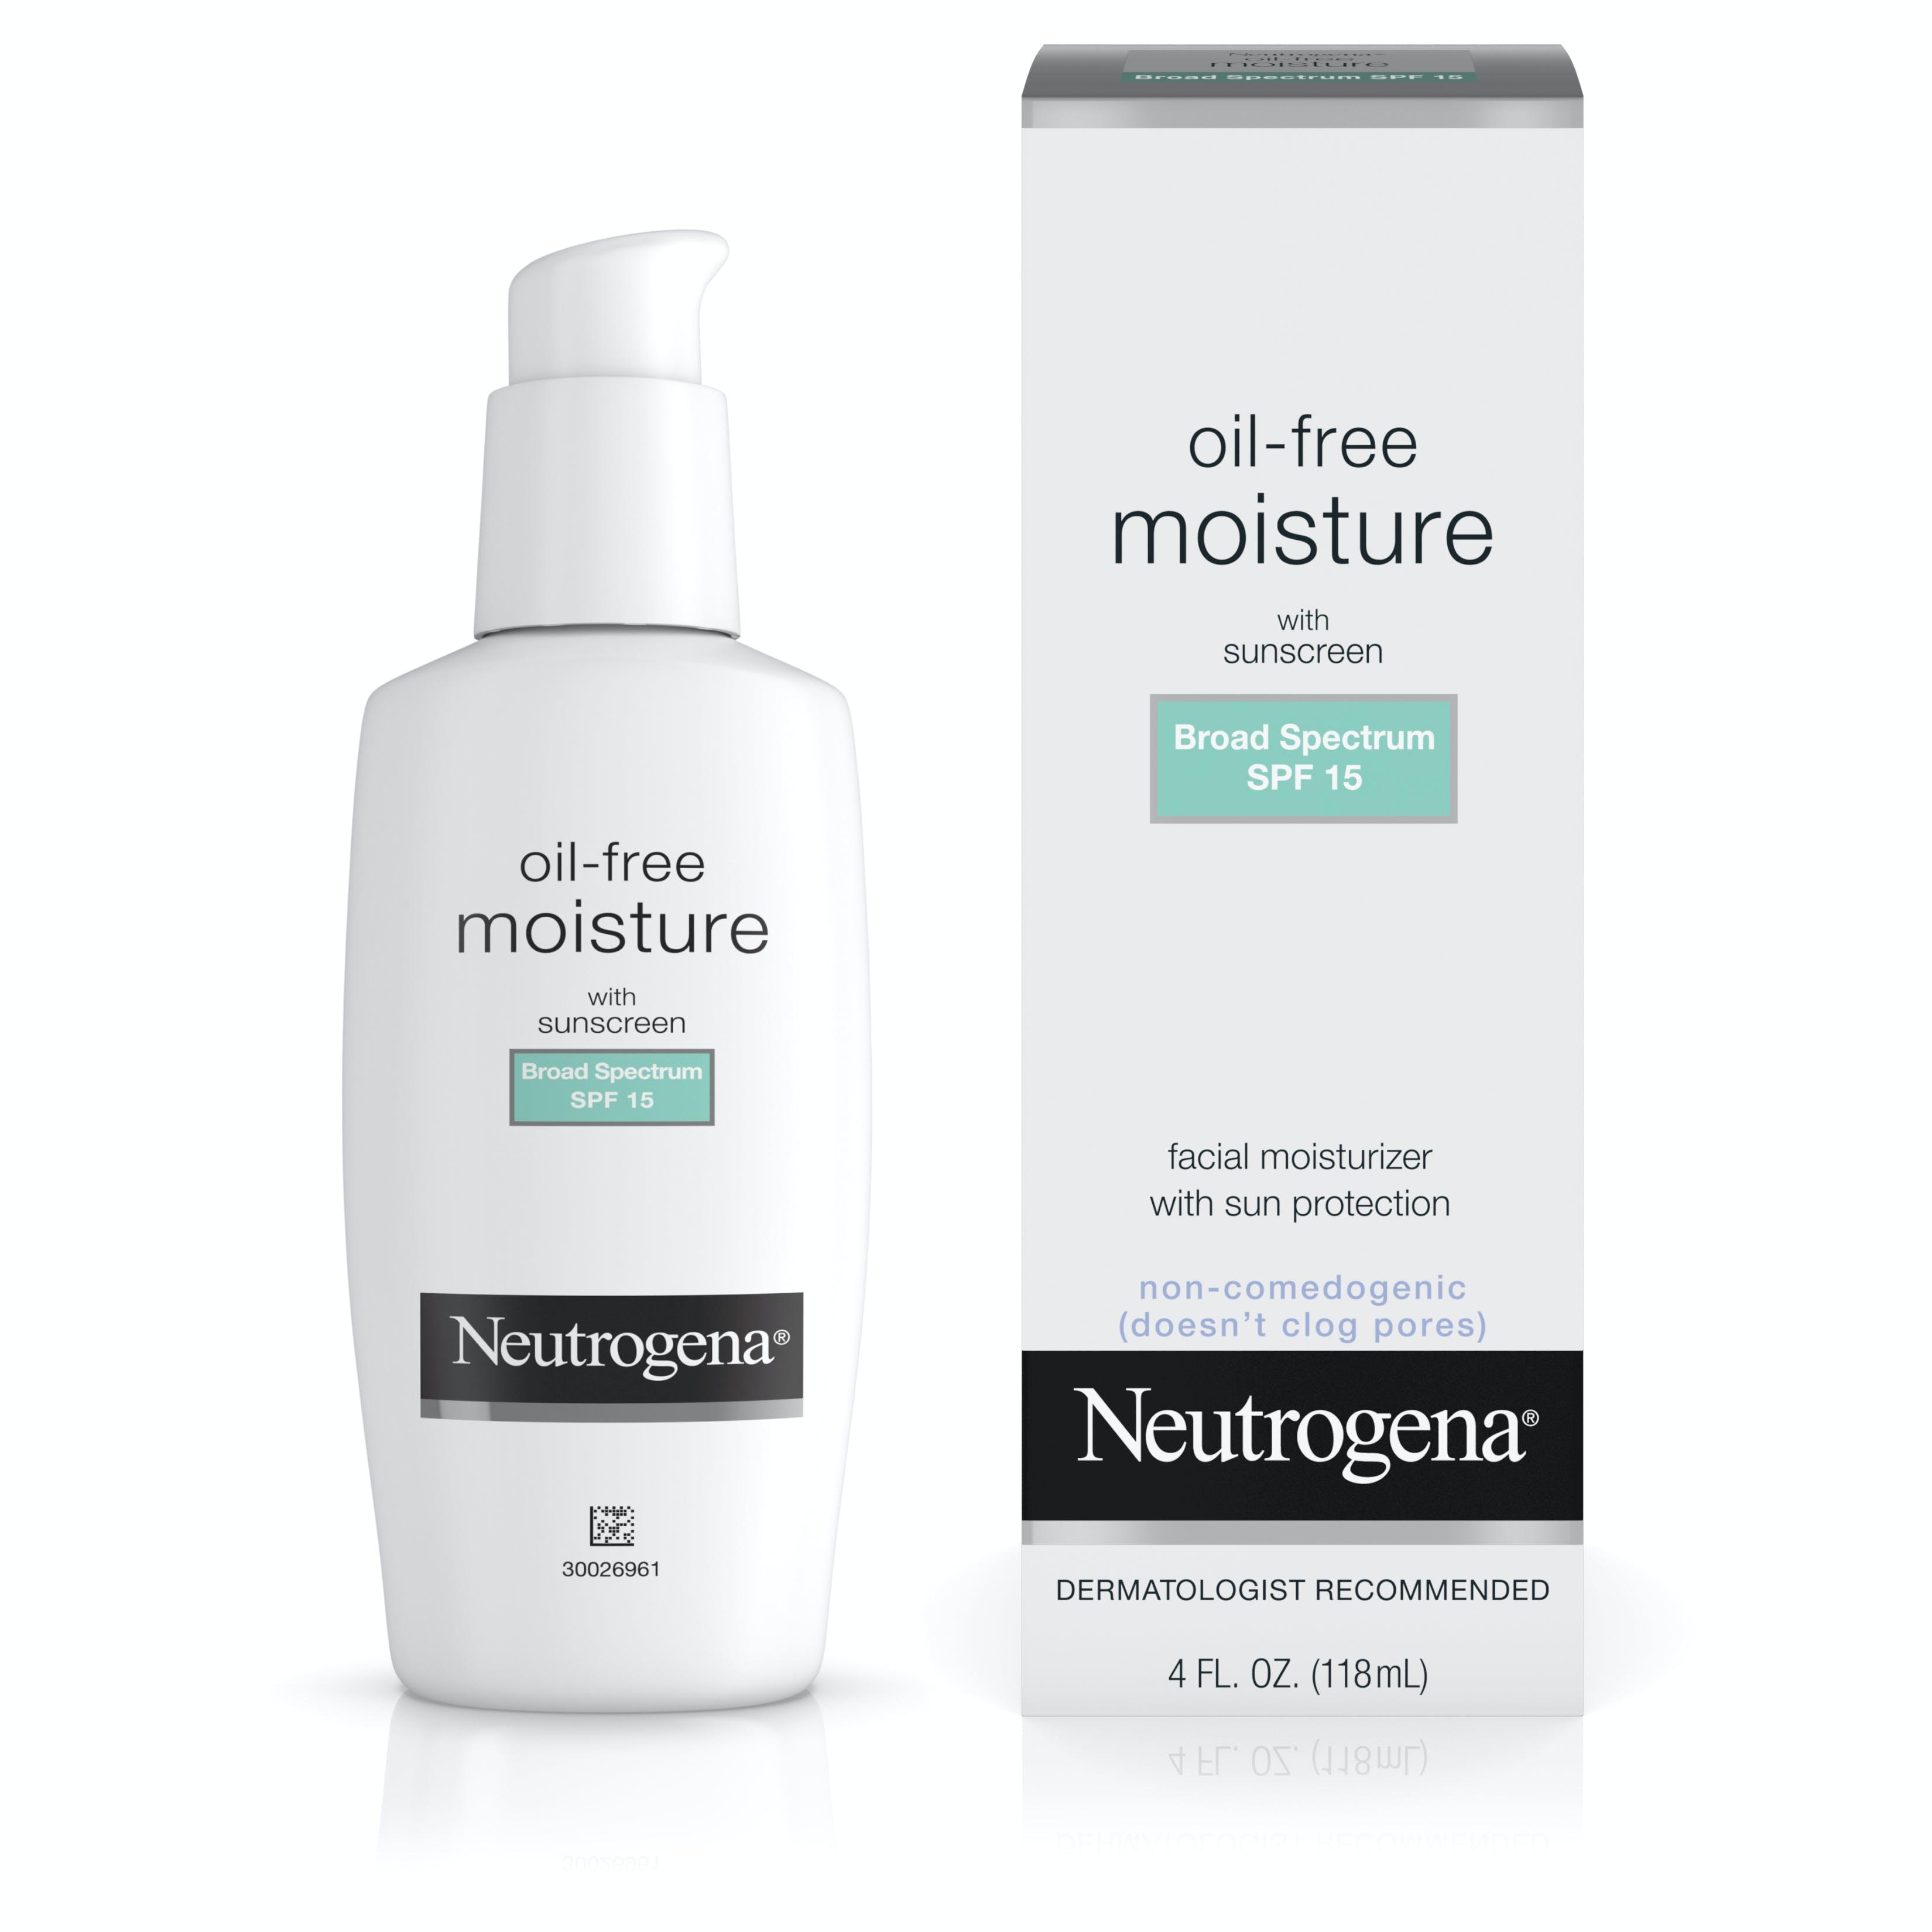 neutrogena daily face cream